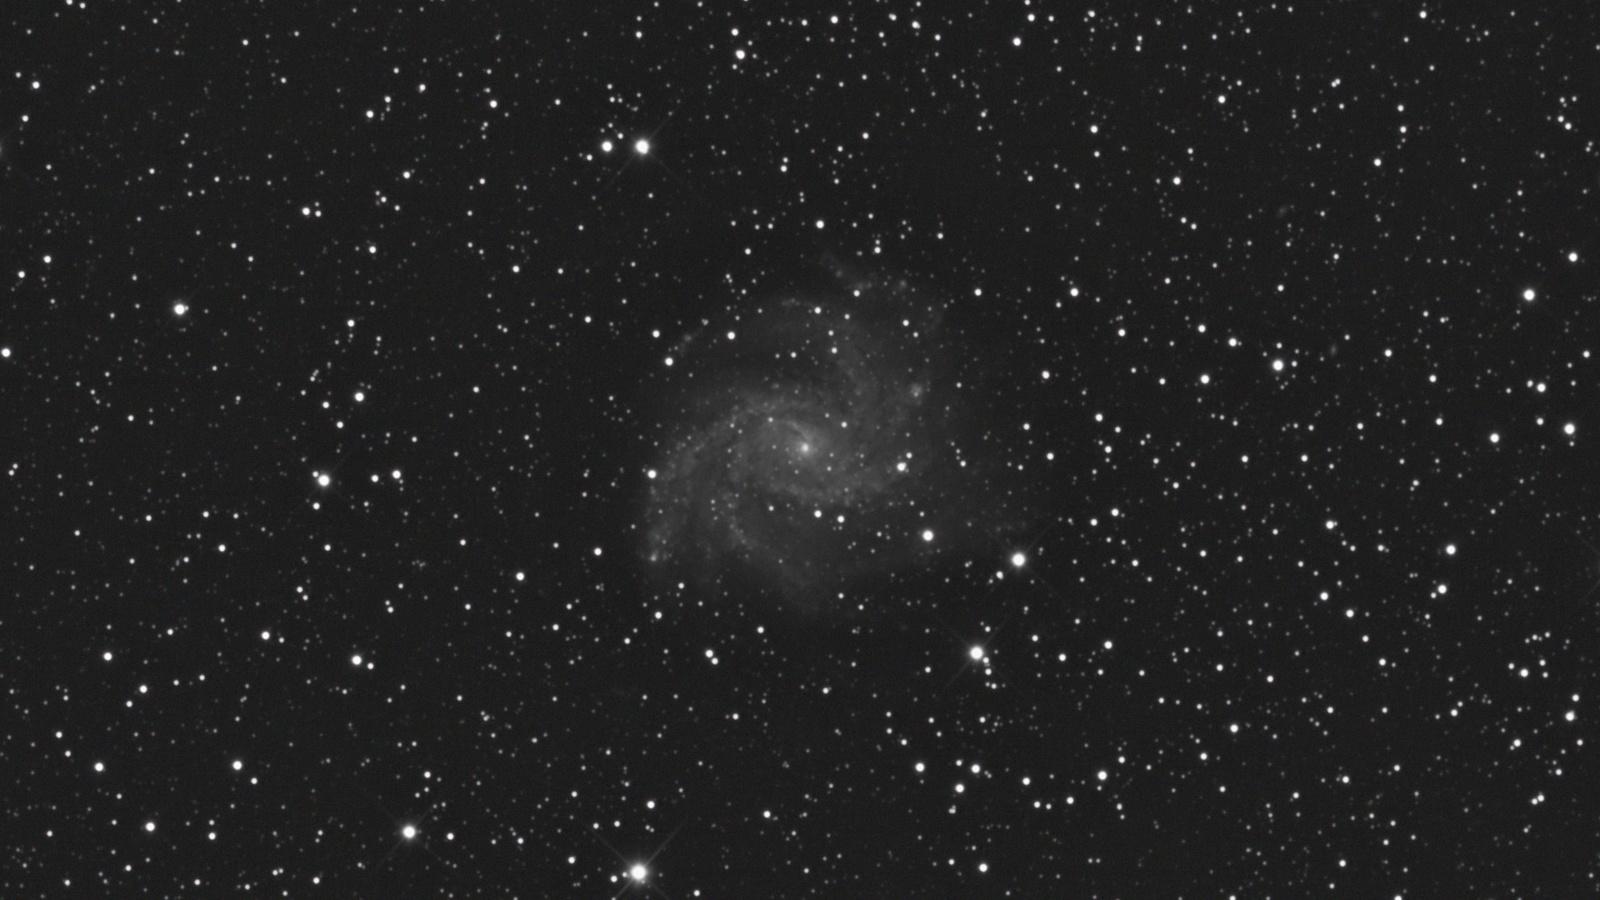 NGC6946_hd.thumb.jpg.449496c74e25692537342948b027a955.jpg